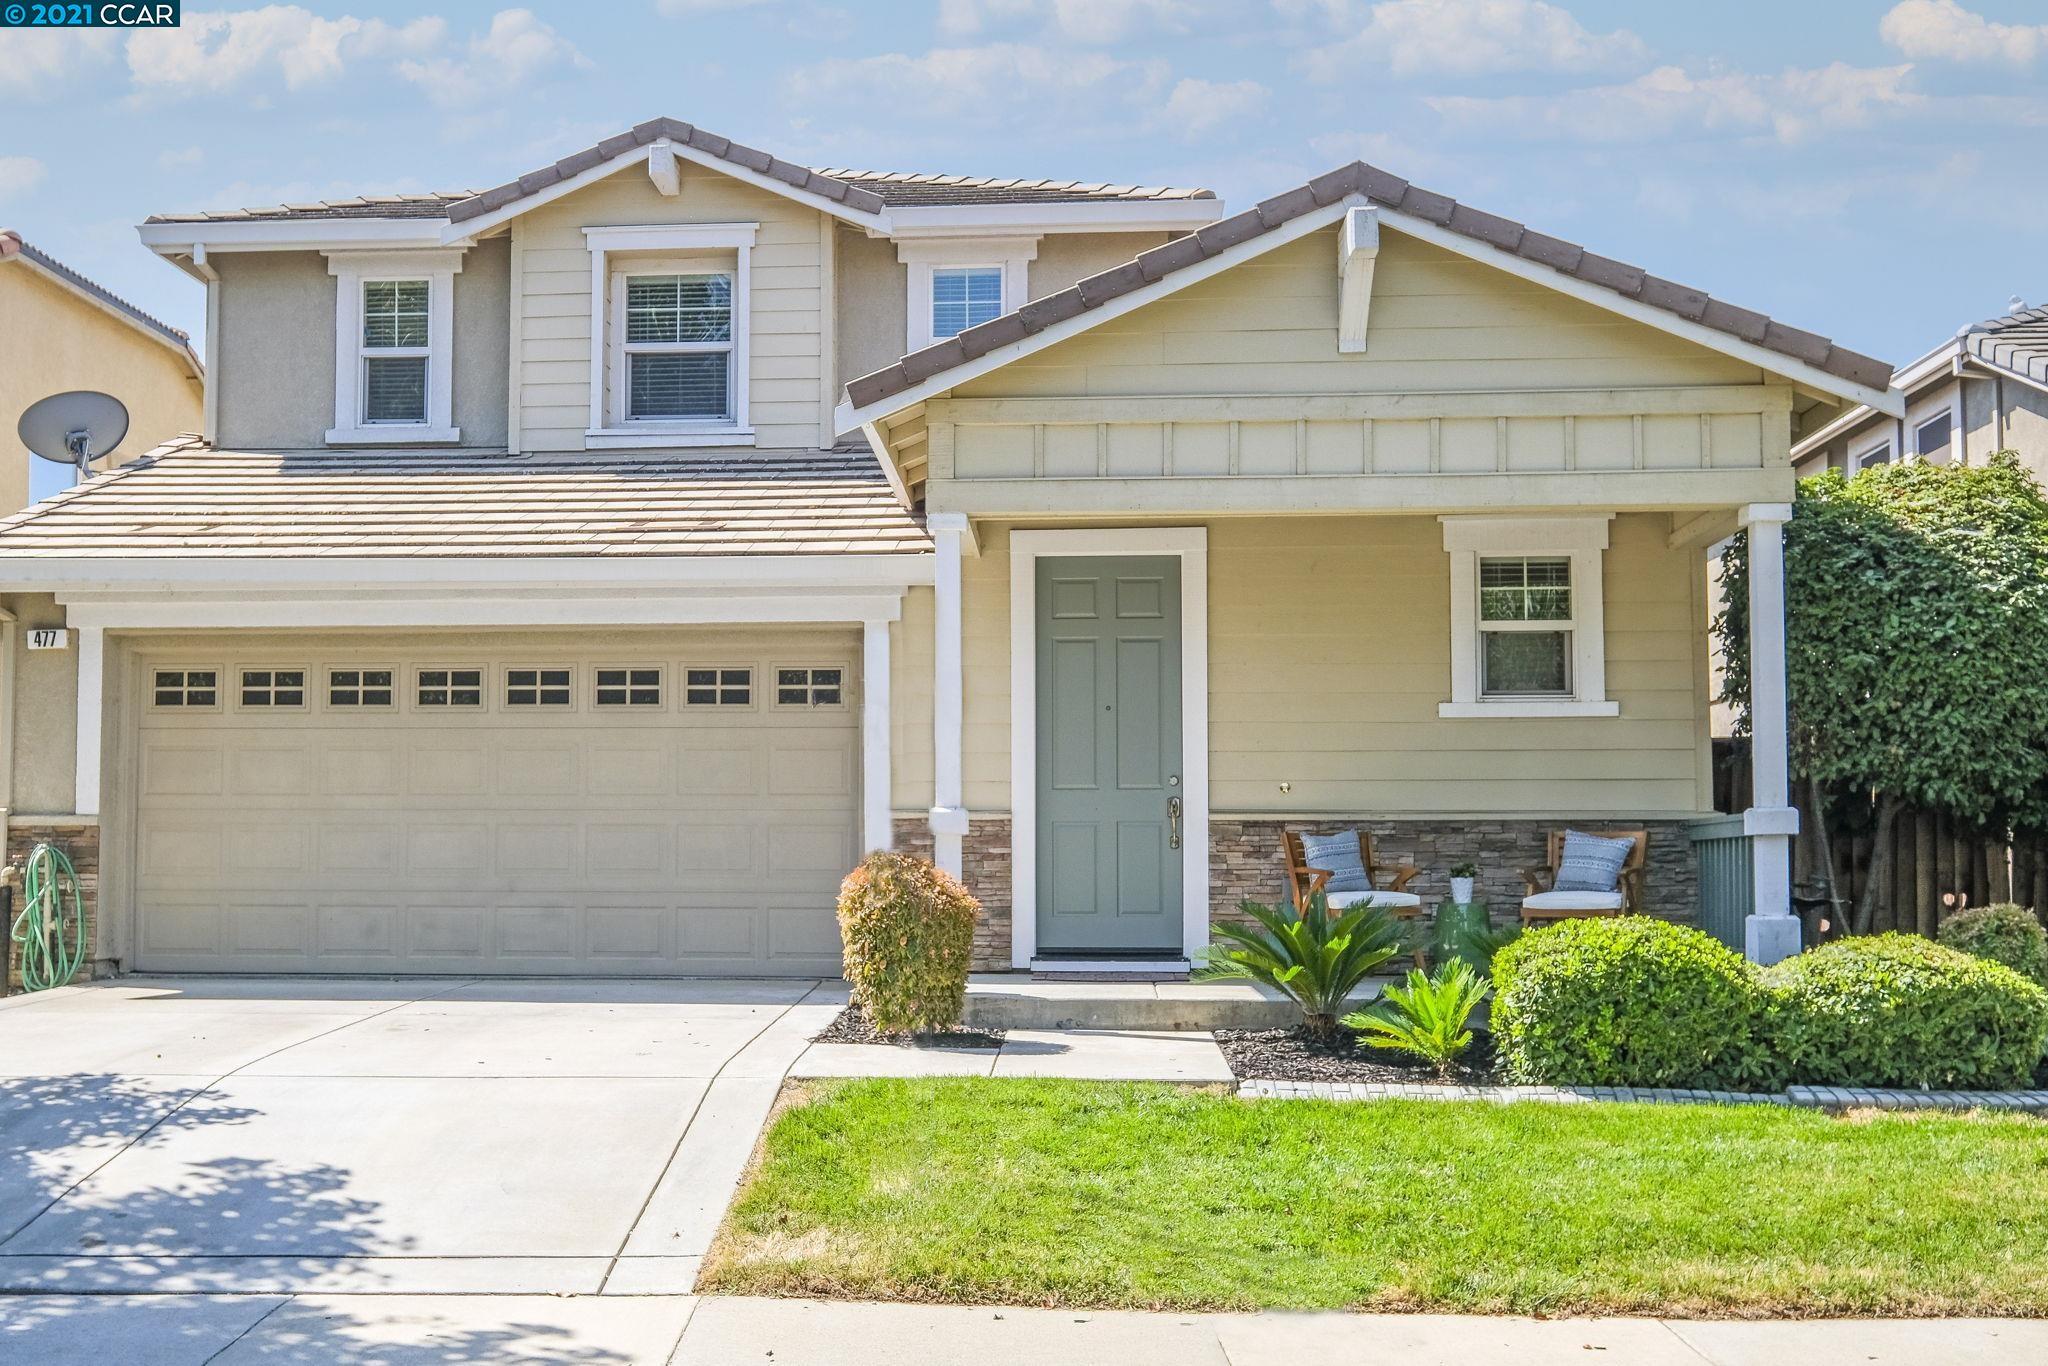 477 Montecito Dr, BRENTWOOD, CA 94513